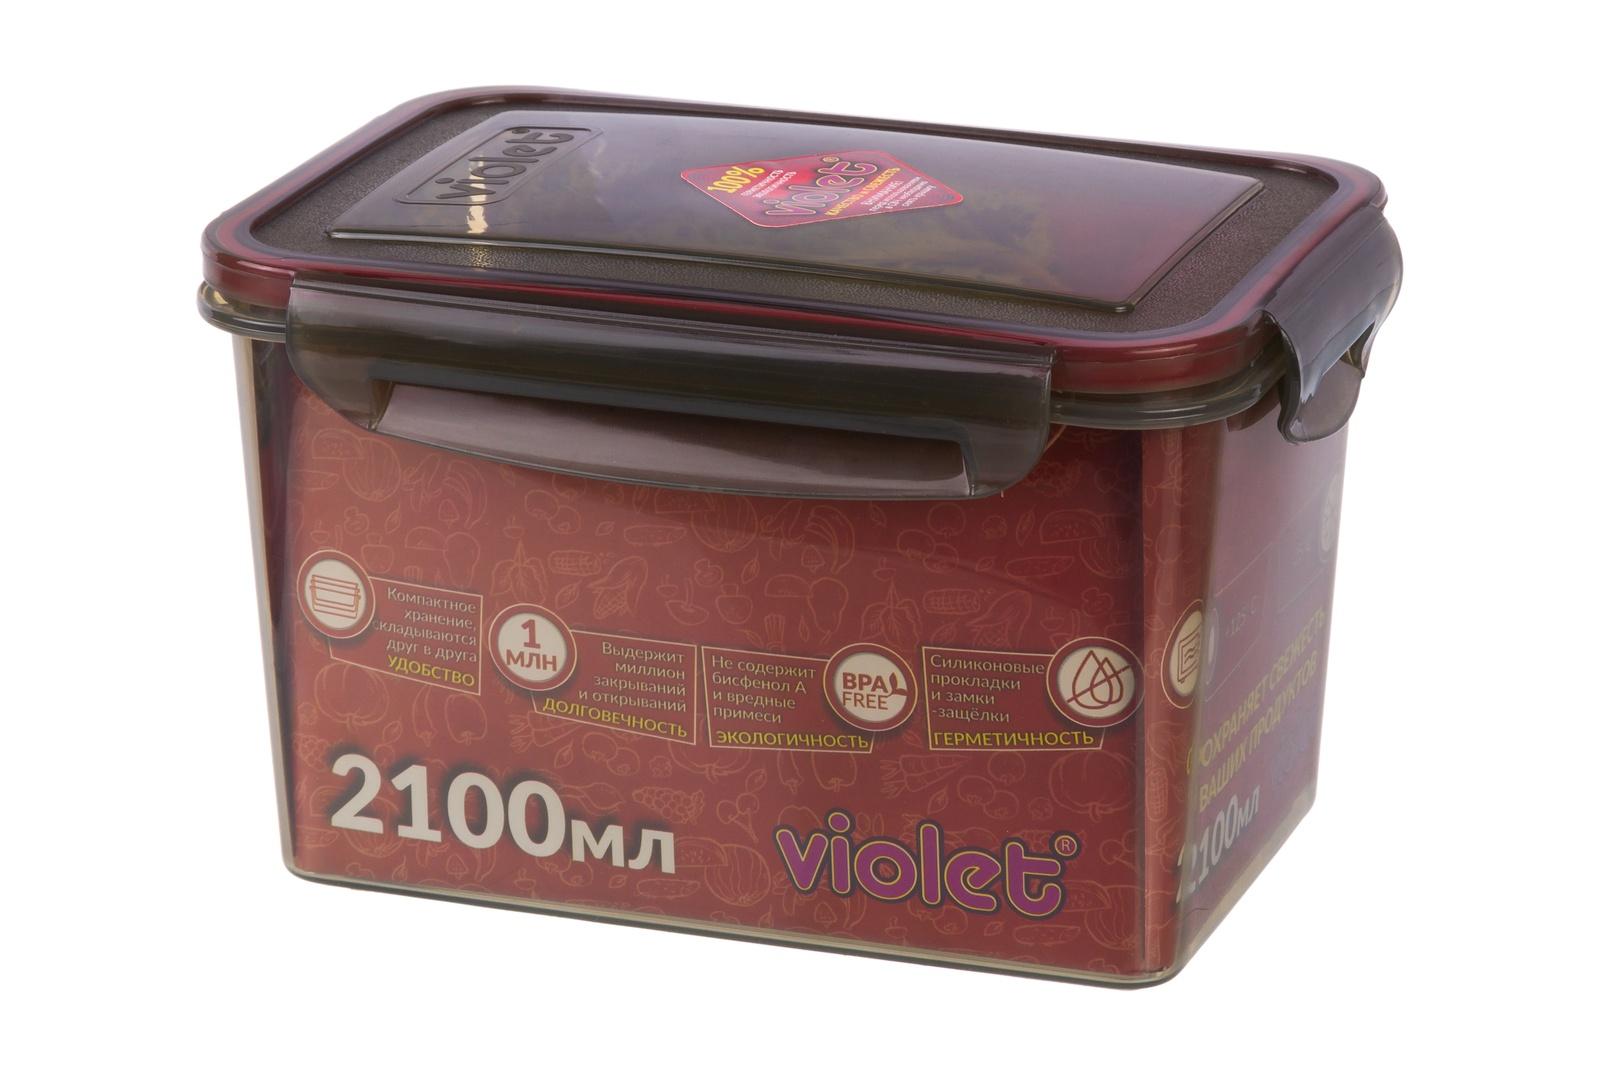 Контейнер пищевой Violet, 811281, 2,1 л811281Контейнер для продуктов прямоугольный объемом 2.2 л с крышкой с защелками - незаменимая вещь в хранении продуктов, так как продукты в контейнере дольше сохраняют свежесть и полезные качества. Контейнер можно использовать в качестве ланч бокса, так как защелки крепко закрывают крышку.